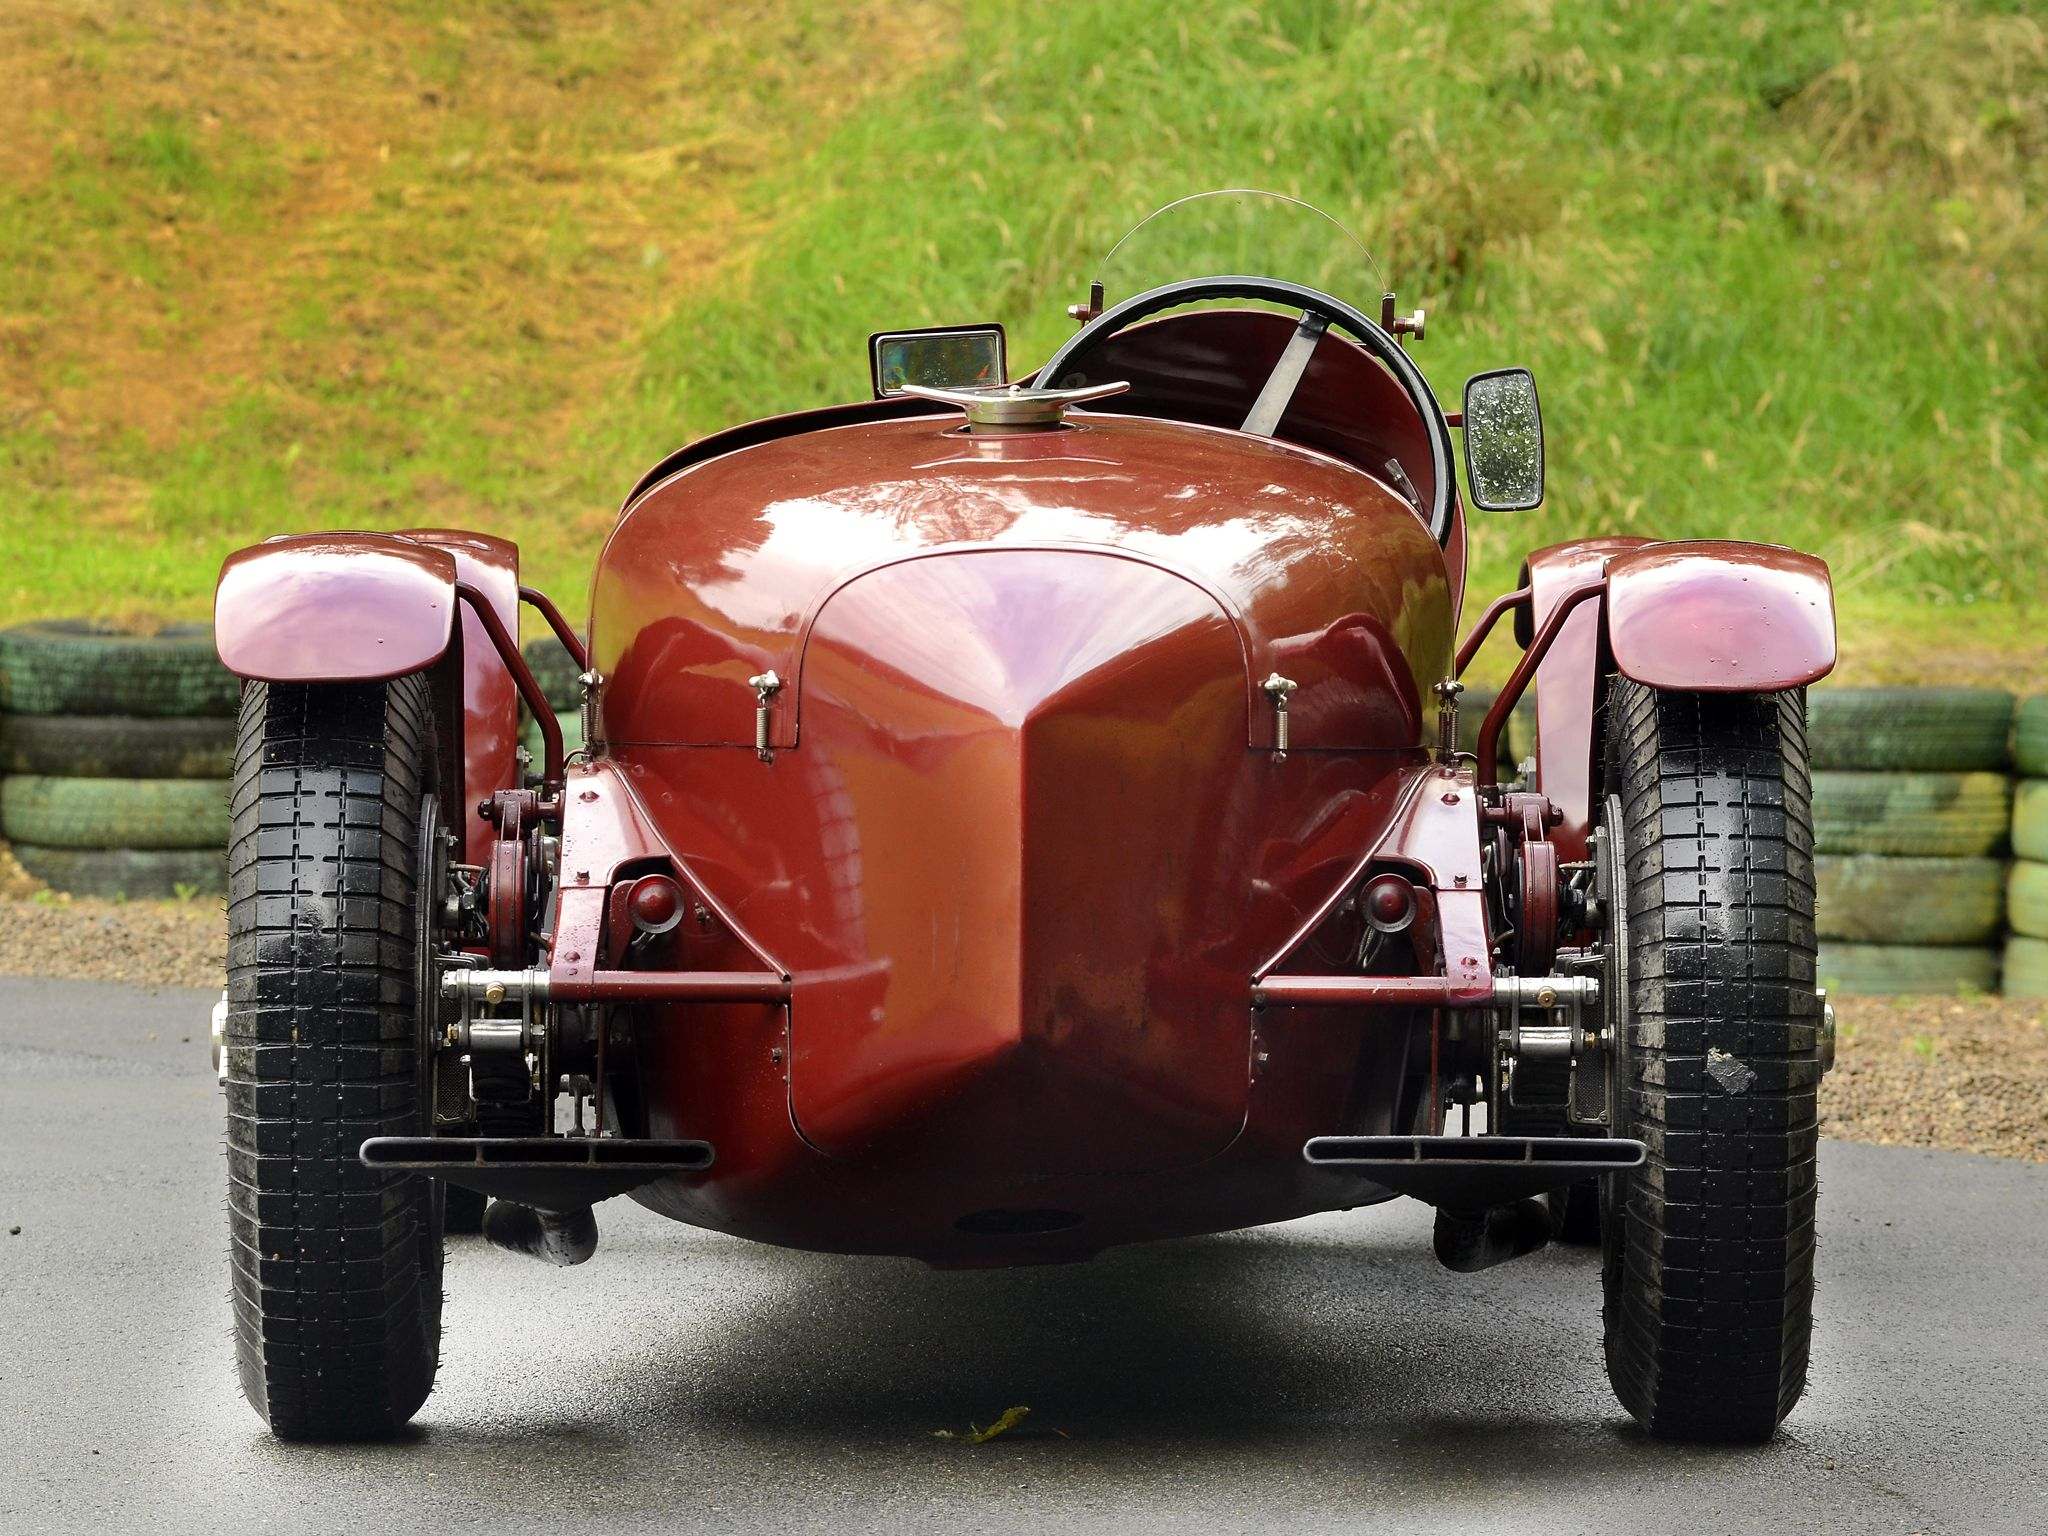 1929 Maserati Tipo V-4 racing Car - rear view (With images) | Maserati, Racing wheel, Cars